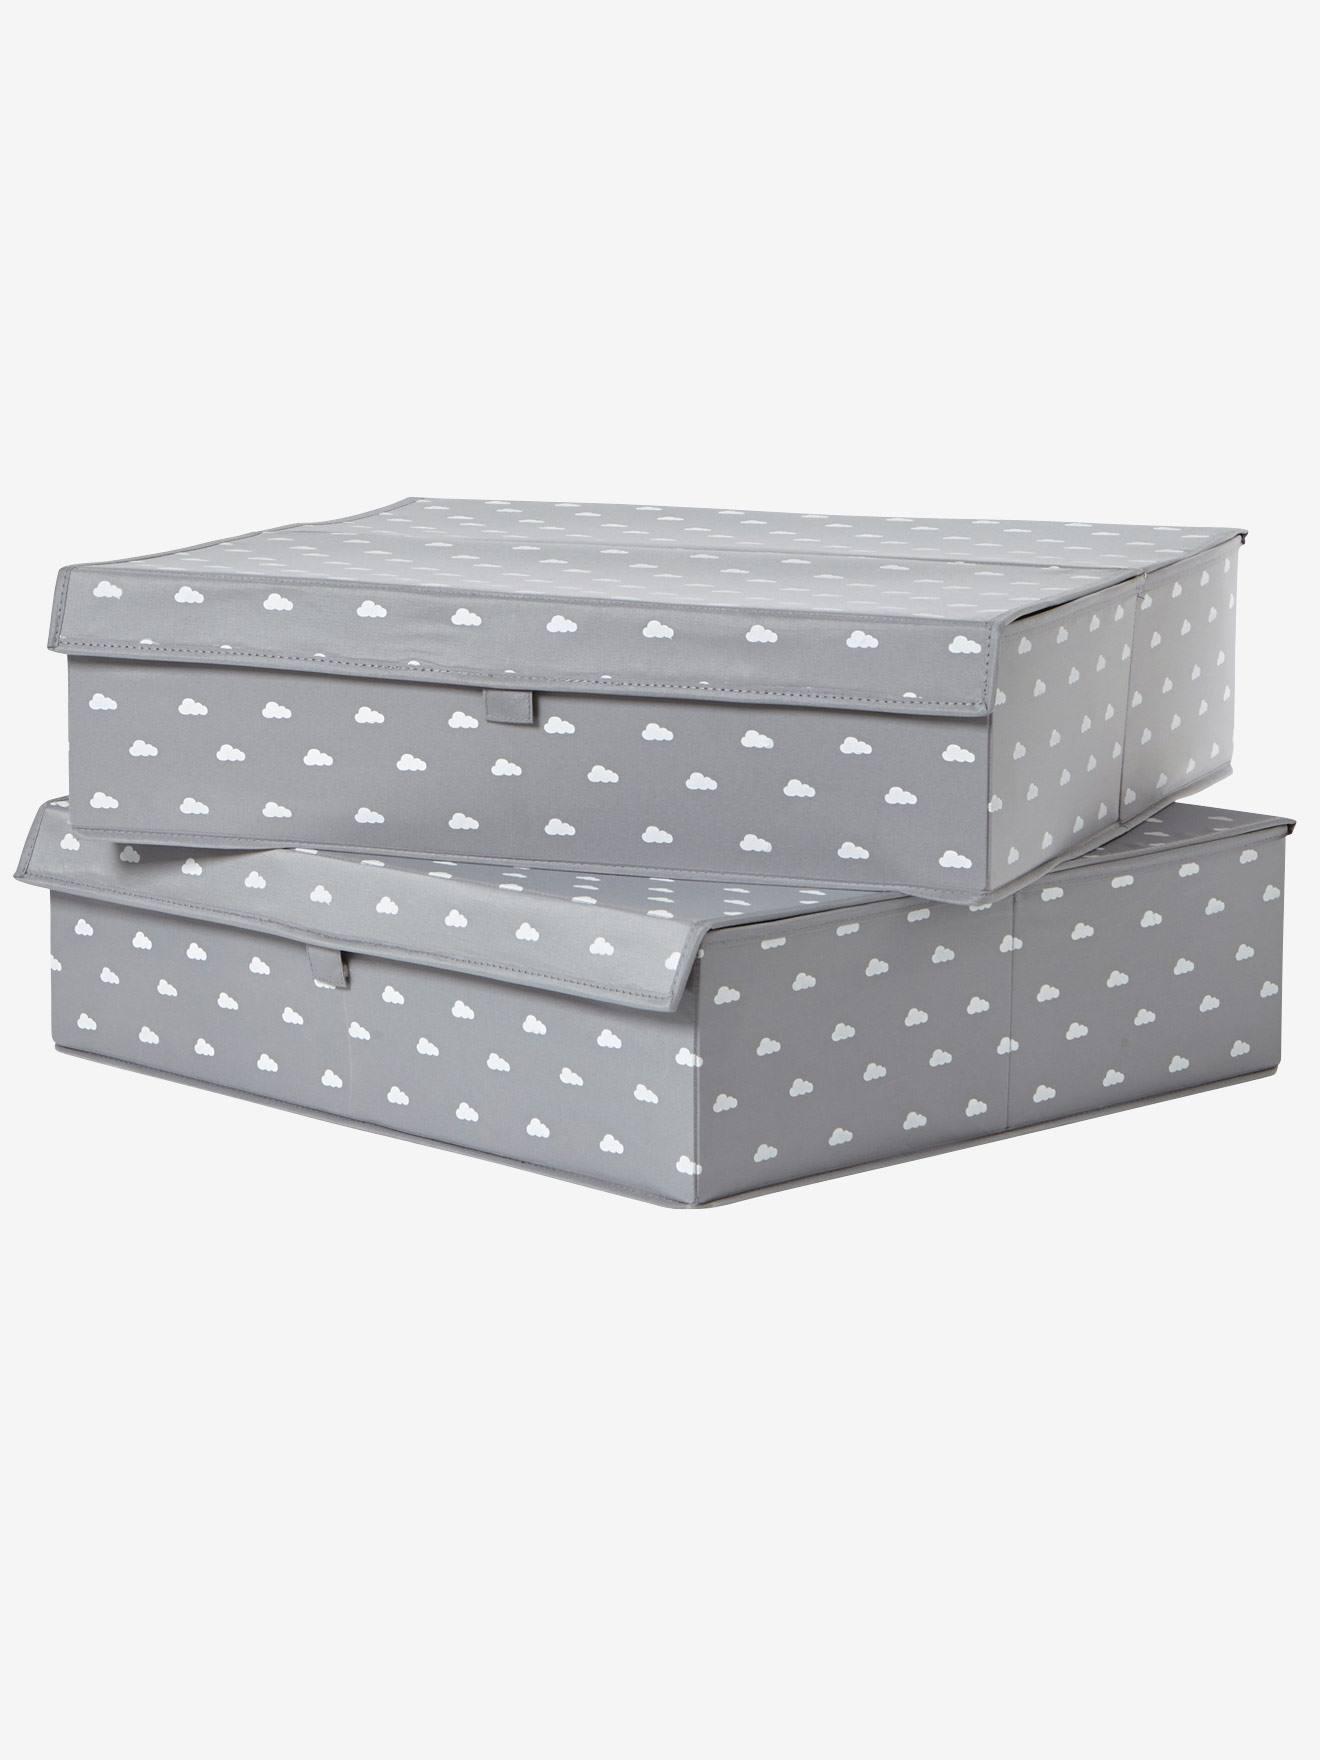 boite de rangement plastique pas cher gallery of tour de rangement orgamix plastique l x p x h. Black Bedroom Furniture Sets. Home Design Ideas